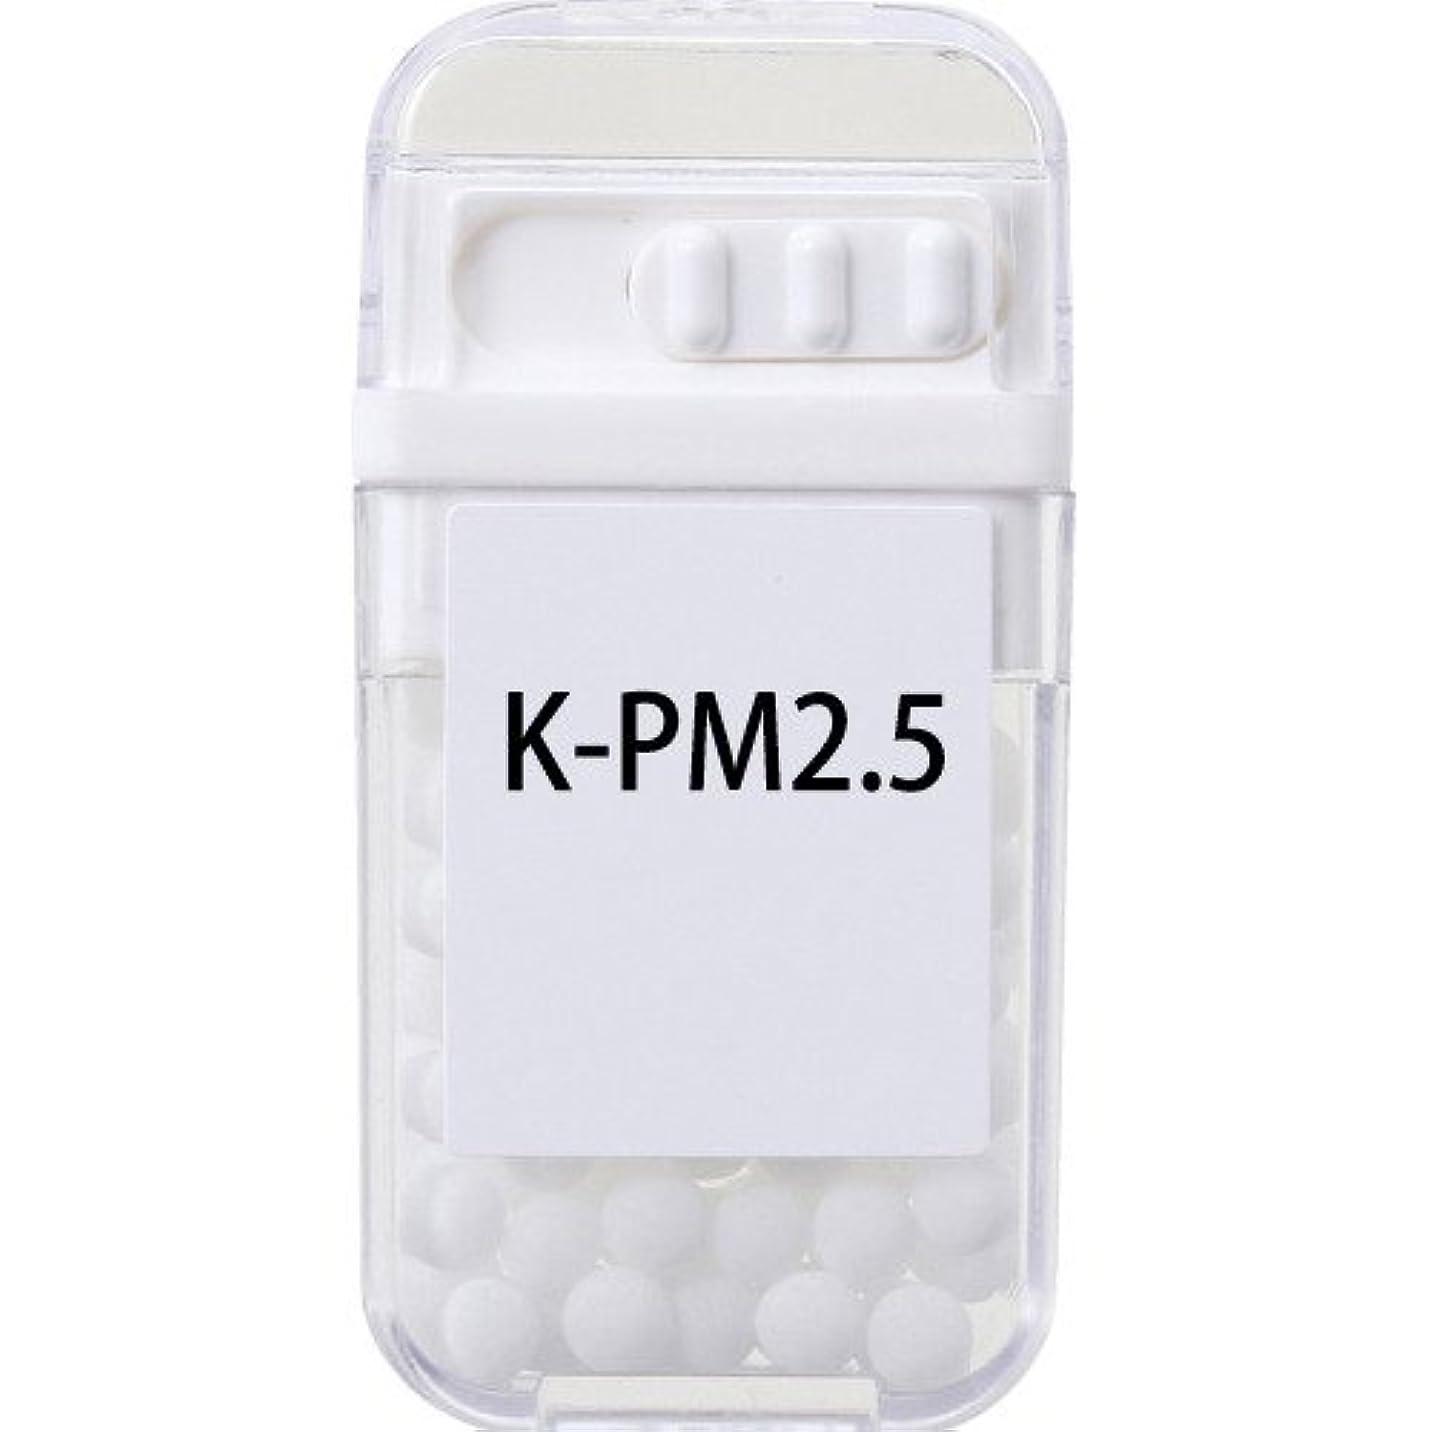 世界タンパク質探検ホメオパシージャパンレメディー K-PM2.5  (大ビン)